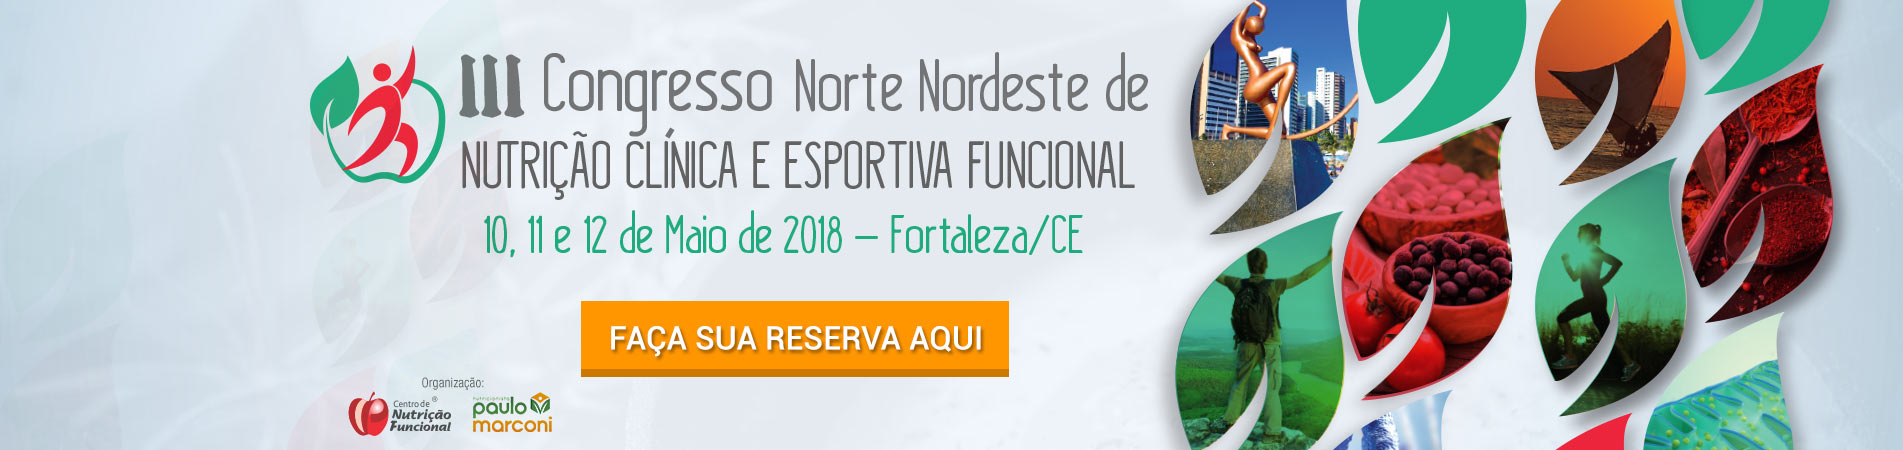 banner-congresso-2018-agencia-turismo